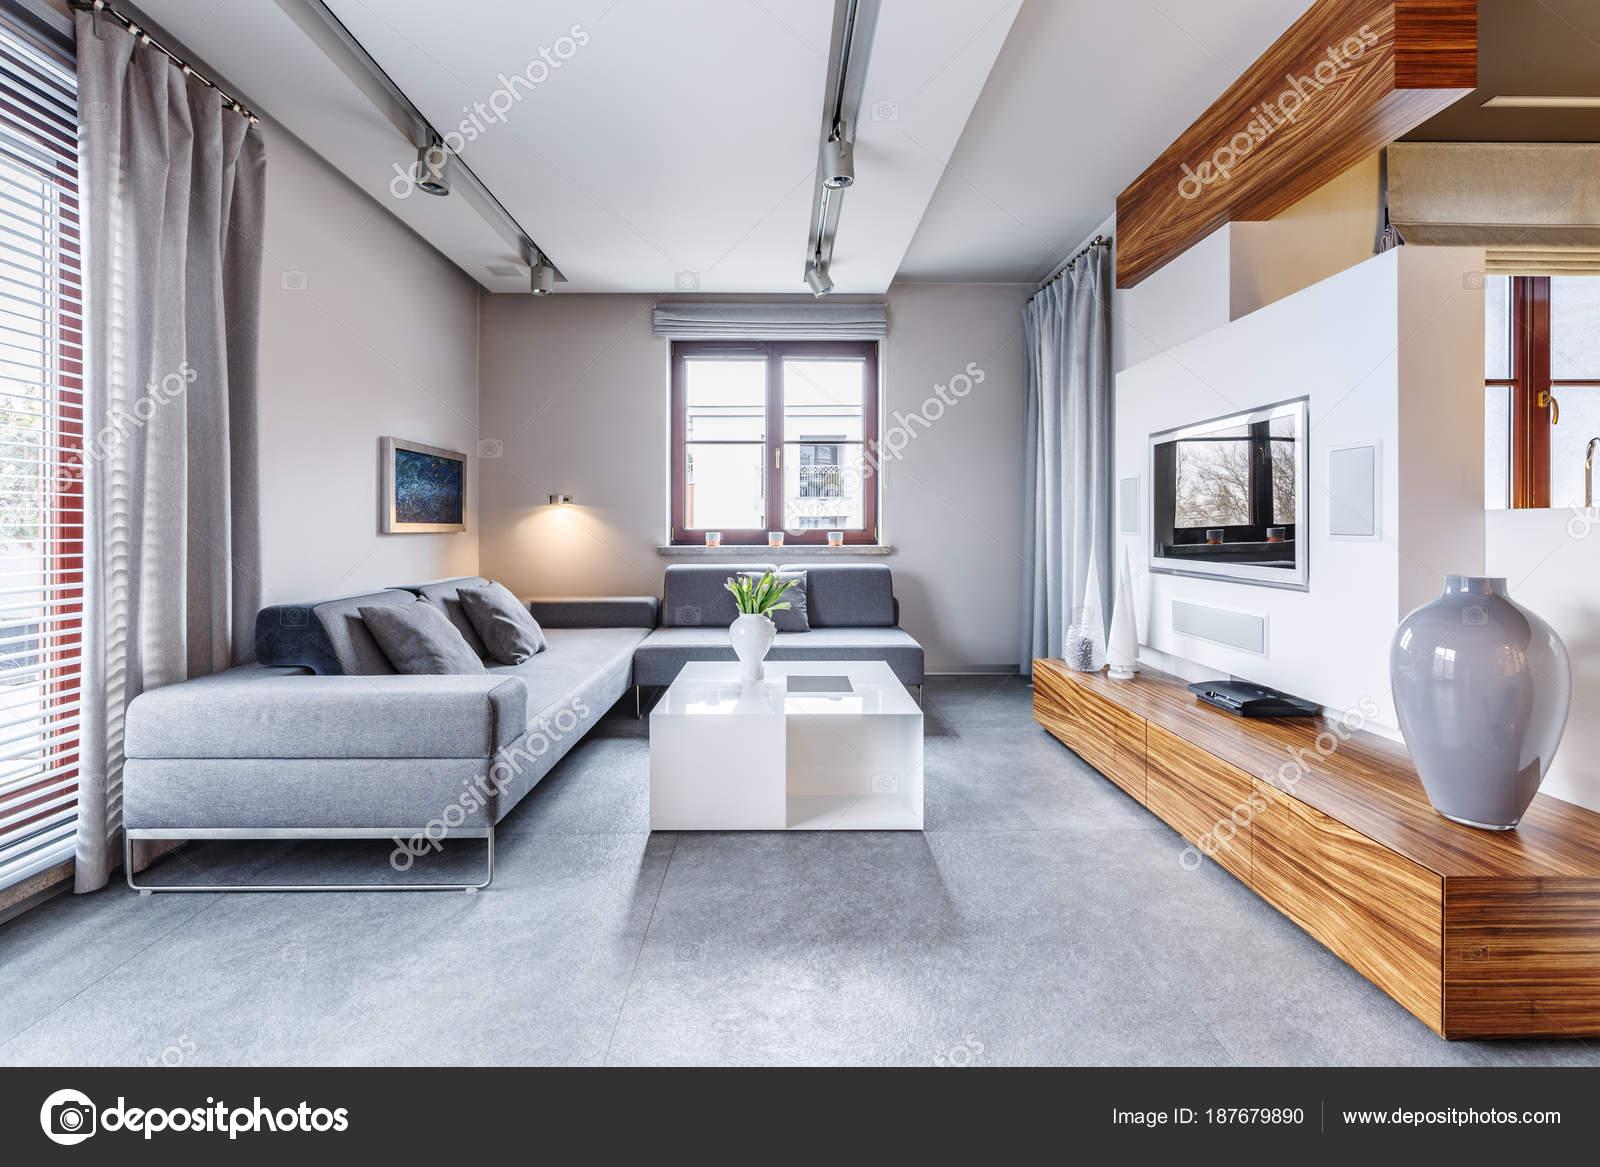 Kasten Woonkamer Interieur : Moderne kast woonkamer stunning interieur kasten woonkamer